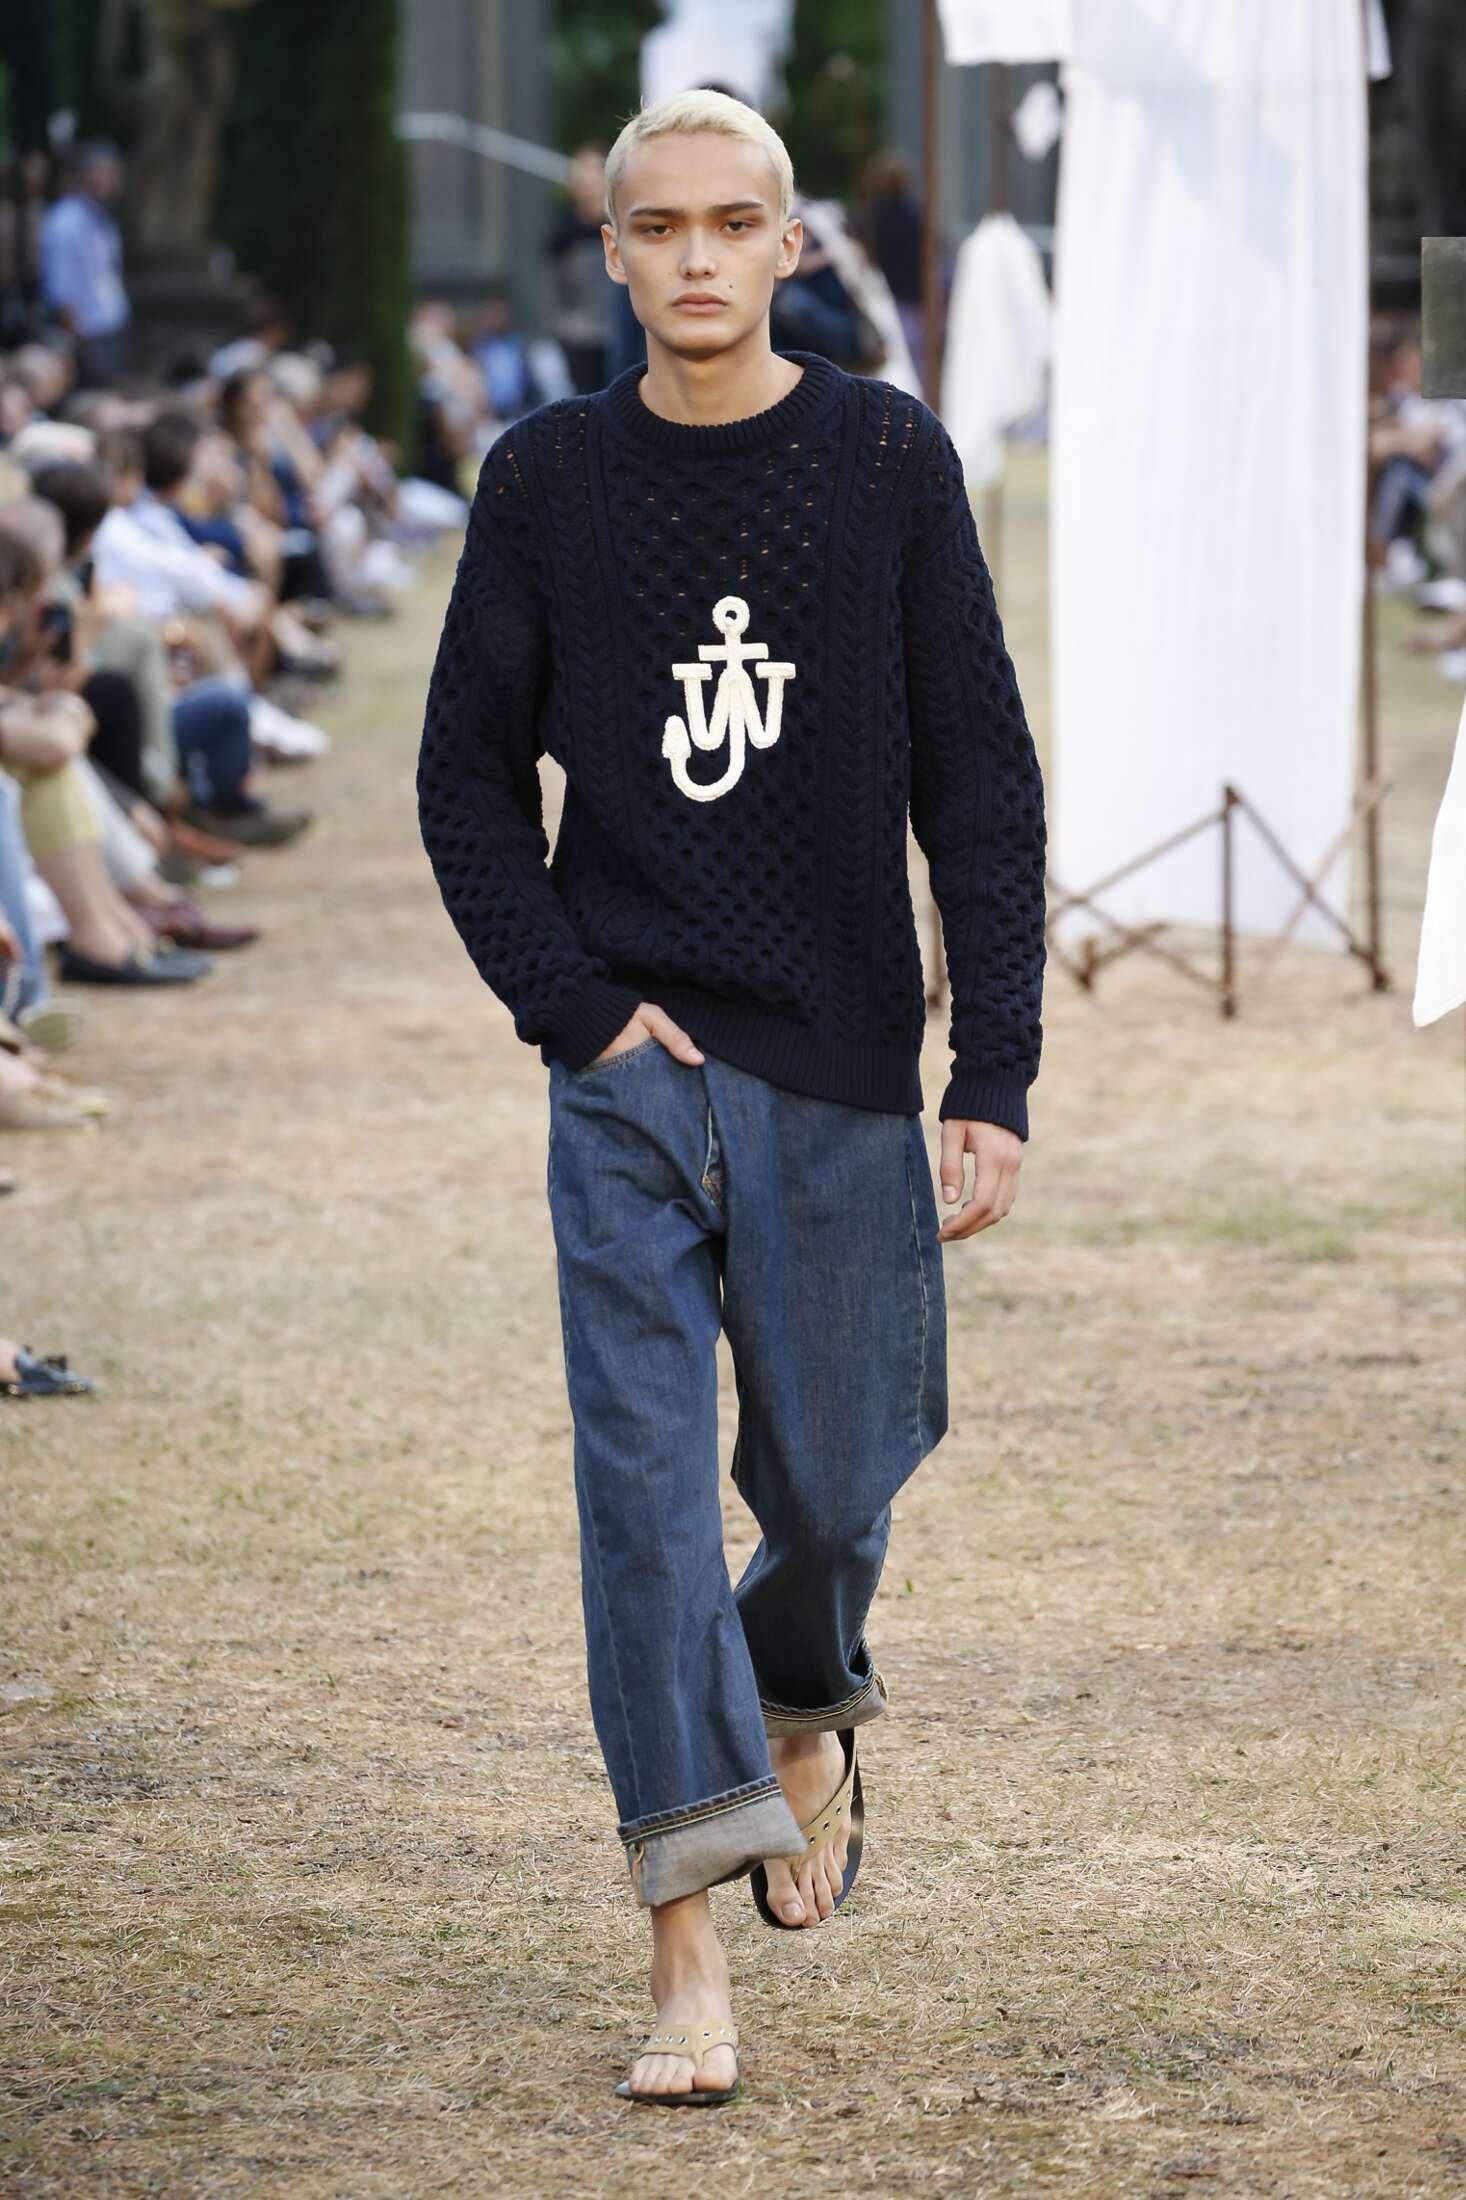 J.W. Anderson 2018 Menswear Trends